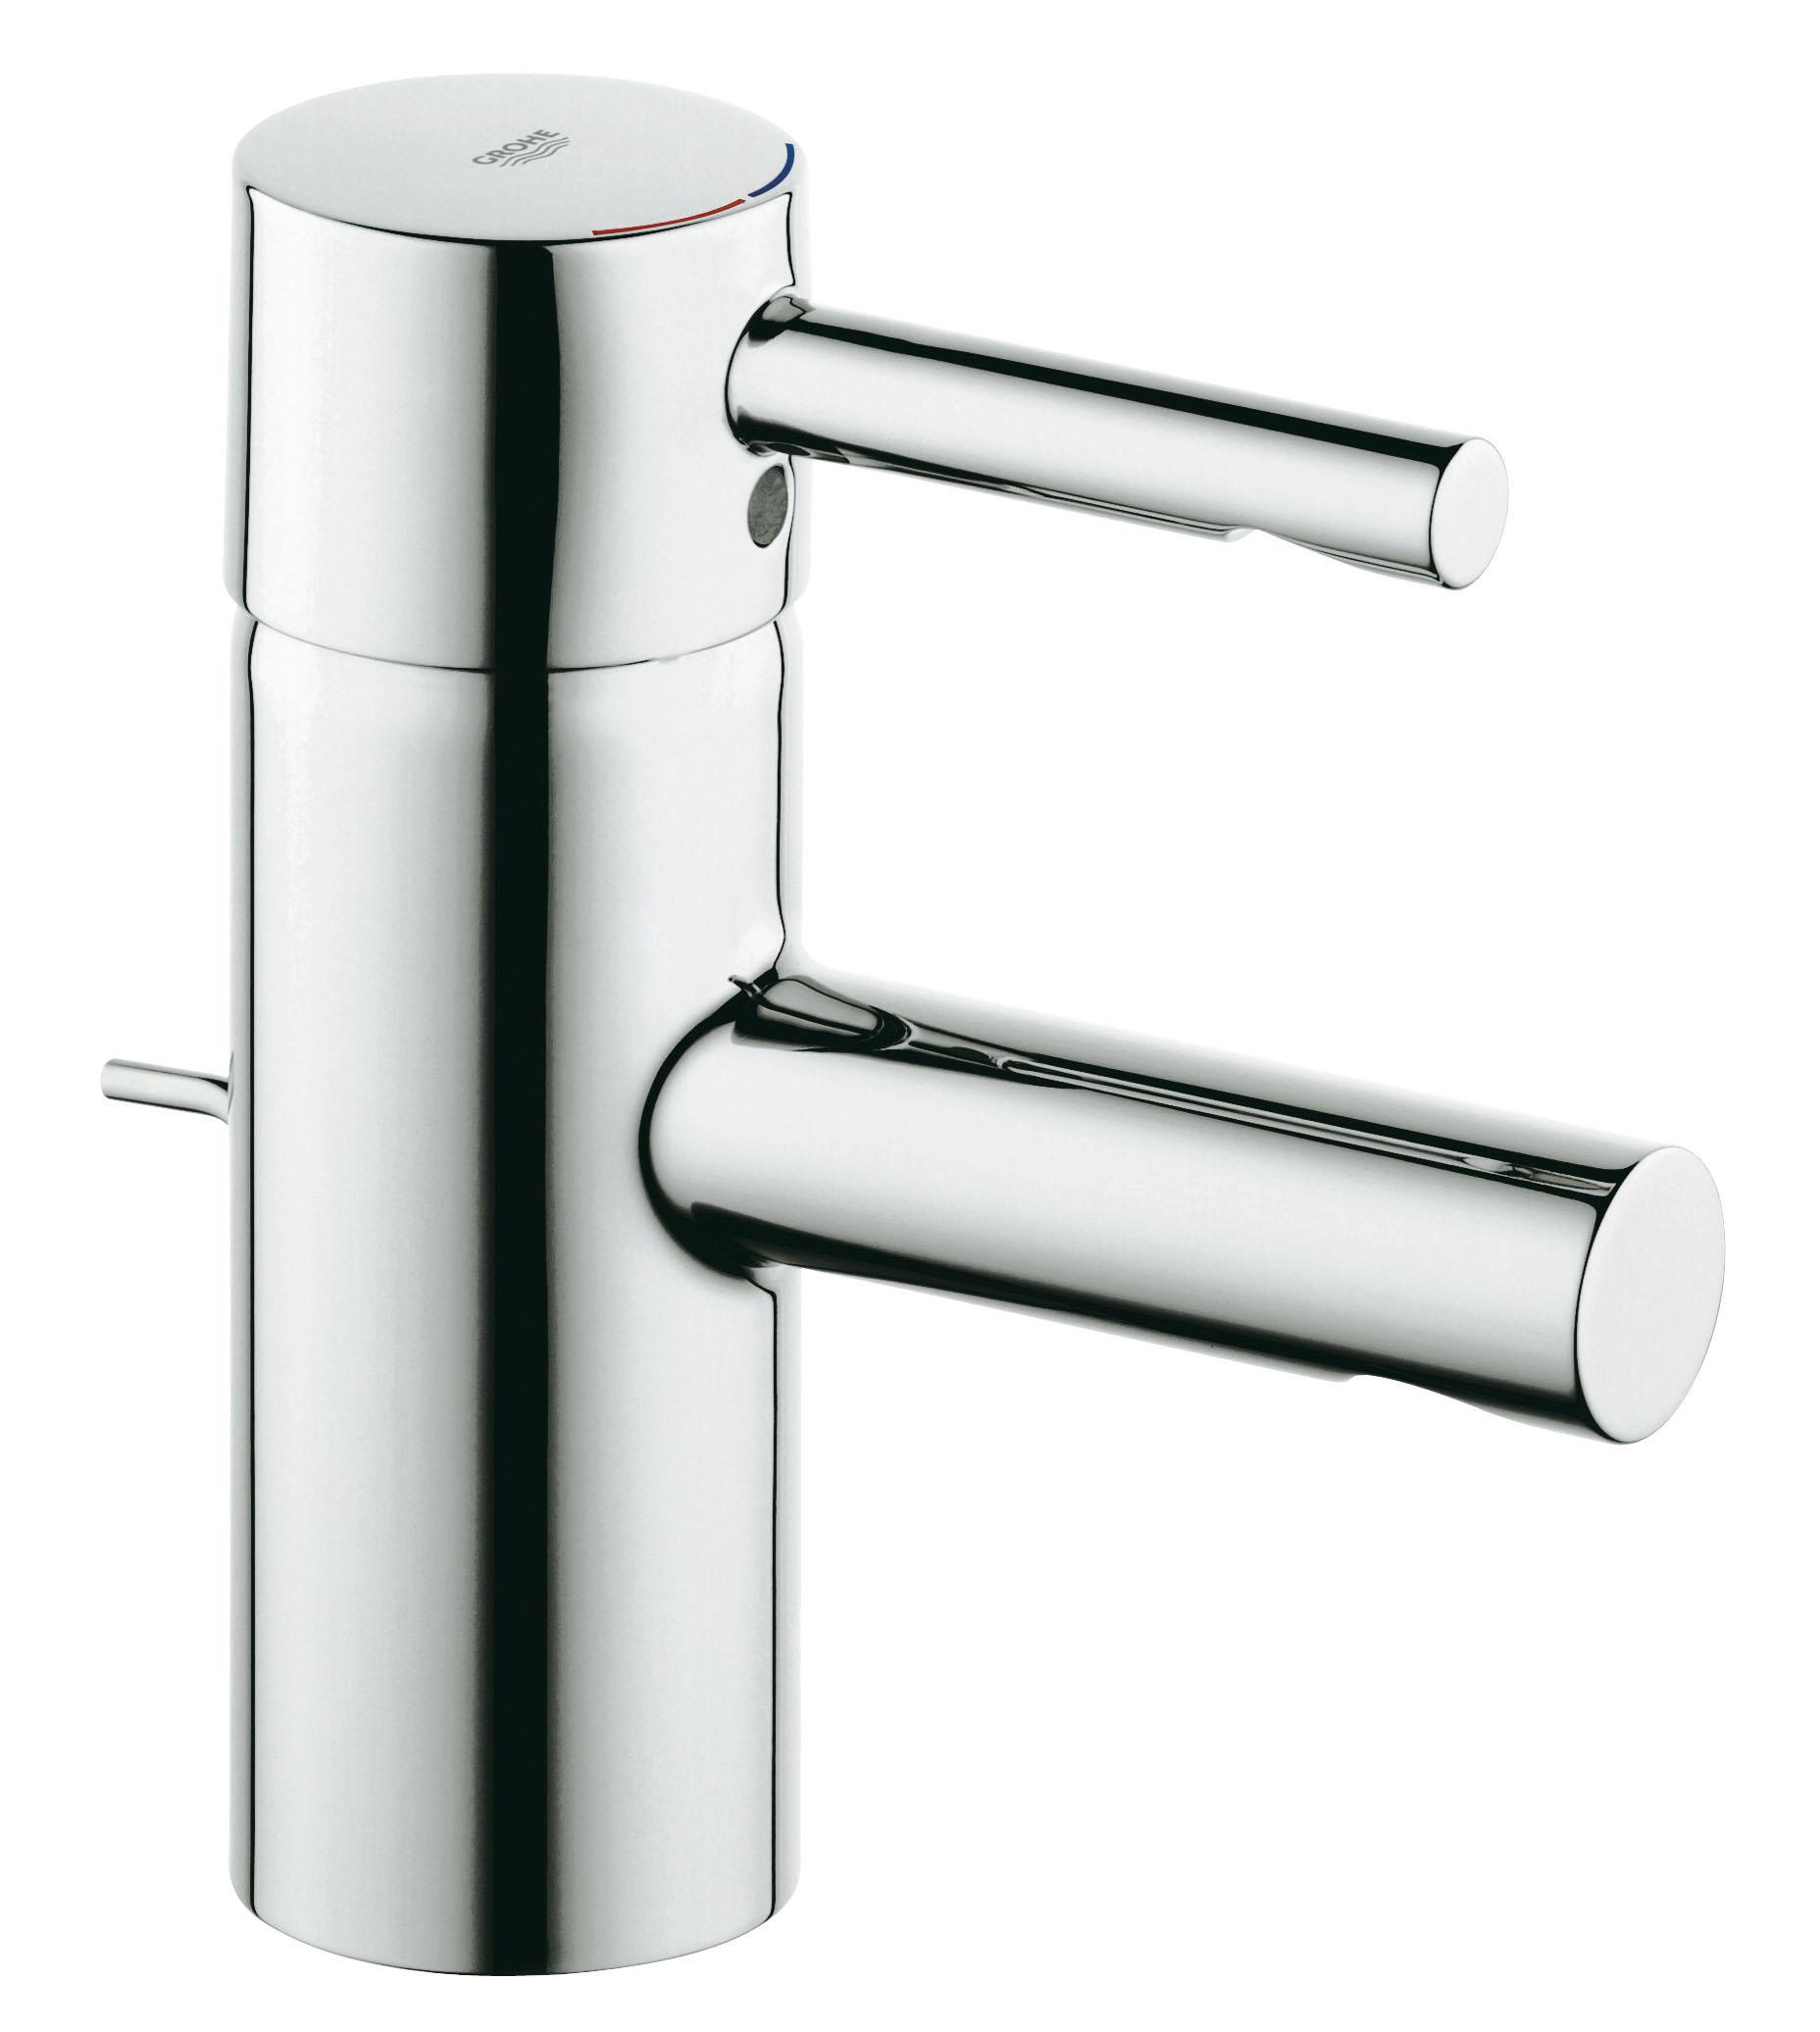 Смеситель для раковины GROHE Essence с донным клапаном (33562000)68/5/3GROHE Essence: смеситель для ванной комнаты с неизменно актуальным дизайном и глянцевым покрытием Элегантный и гармоничный дизайн, основанный на цилиндрических формах, – отличительный признак серии GROHE Essence. Данный смеситель для ванной комнаты обеспечен множеством полезных функций, дополняющих его привлекательный внешний вид: к примеру, технология GROHE SilkMove обеспечивает плавность регулировки напора и температуры воды, а встроенный подъемный шток позволяет легко открывать и закрывать сливной клапан. Хромированное покрытие GROHE StarLight обеспечивает смесителю неприхотливость в уходе, а также сохранение ослепительного блеска на многие годы. Благодаря всем этим преимуществам, а также быстроте установки за счет системы упрощенного монтажа, данный однорычажный смеситель представляет собой идеальный выбор во всех отношениях.Особенности:Монтаж на одно отверстие GROHE SilkMove керамический картридж 35 мм Регулировка расхода воды Встроенный аэратор Гибкая подводка Сливной гарнитур 1 1/4? Система быстрого монтажа Скрытое крепление рычага GROHE StarLight хромированная поверхностьДополнительный ограничитель температуры (46 375 000) Видео по установке является исключительно информационным. Установка должна проводиться профессионалами!